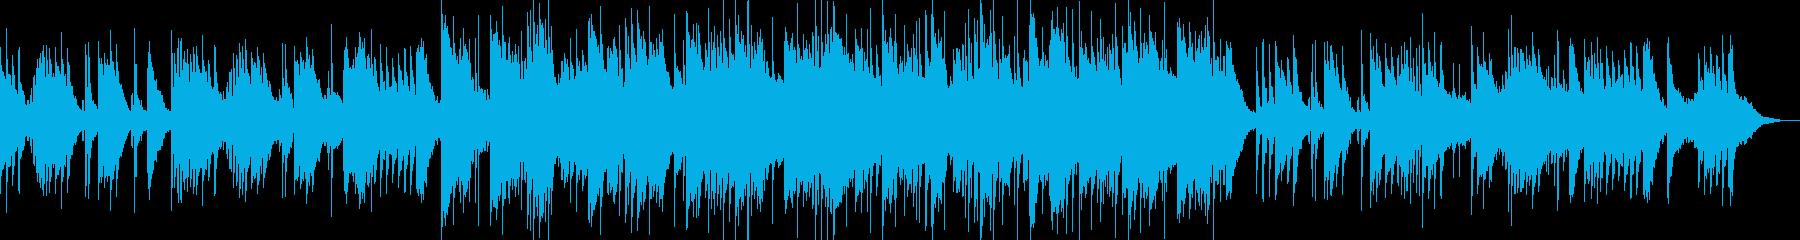 和楽器の音色を活かした和風スローグルーヴの再生済みの波形